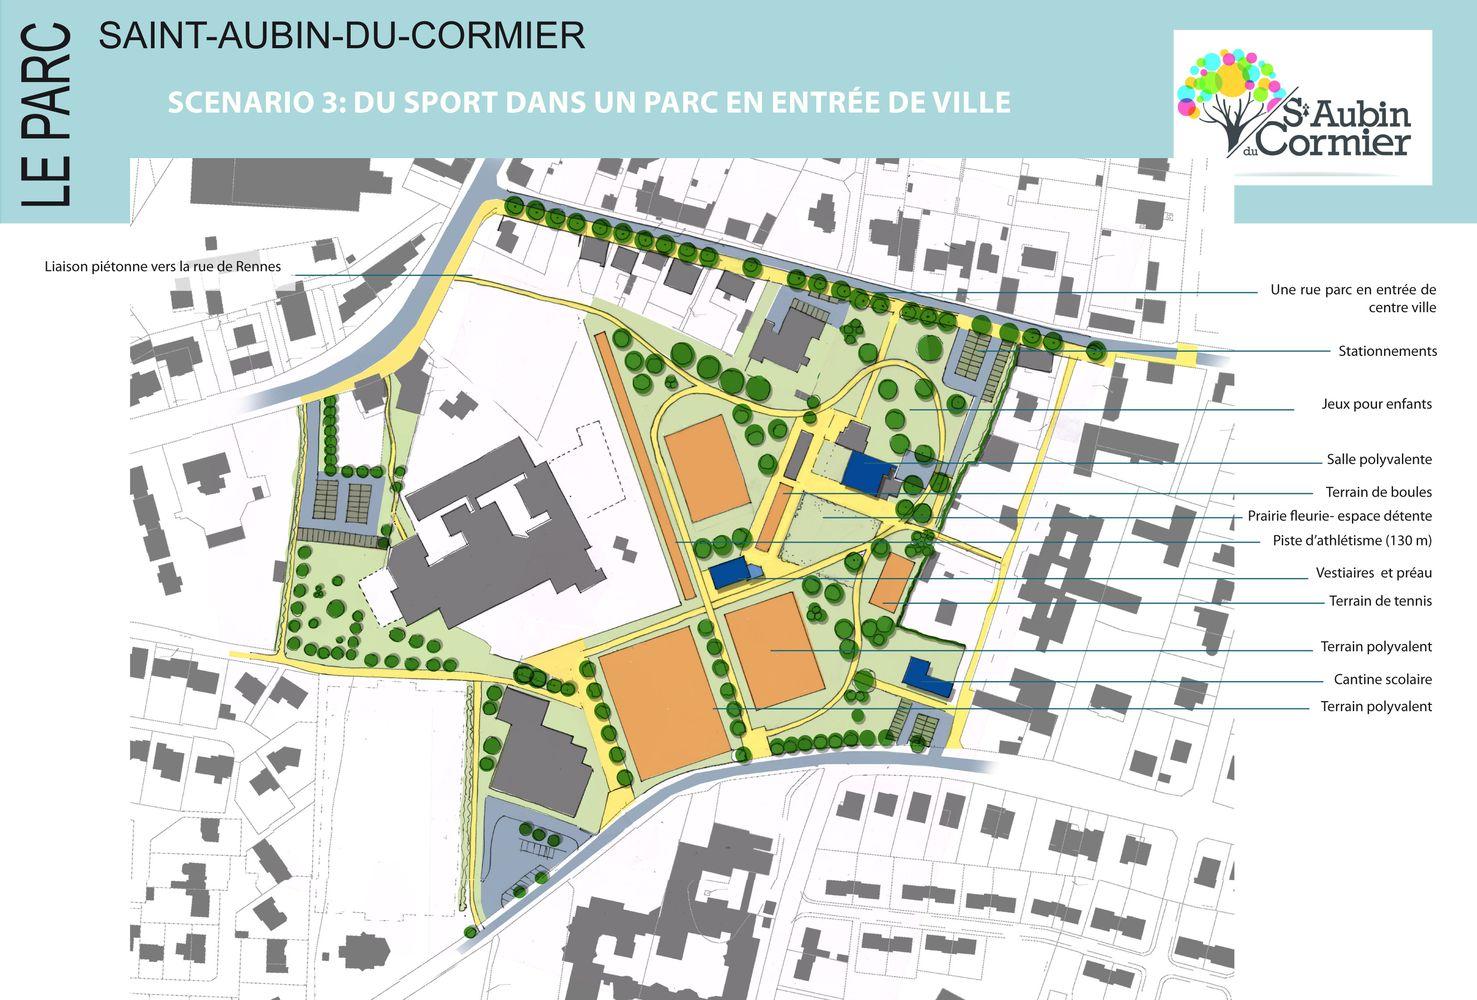 Scénario d'aménagement 3 Saint-Aubin-du-Cormier